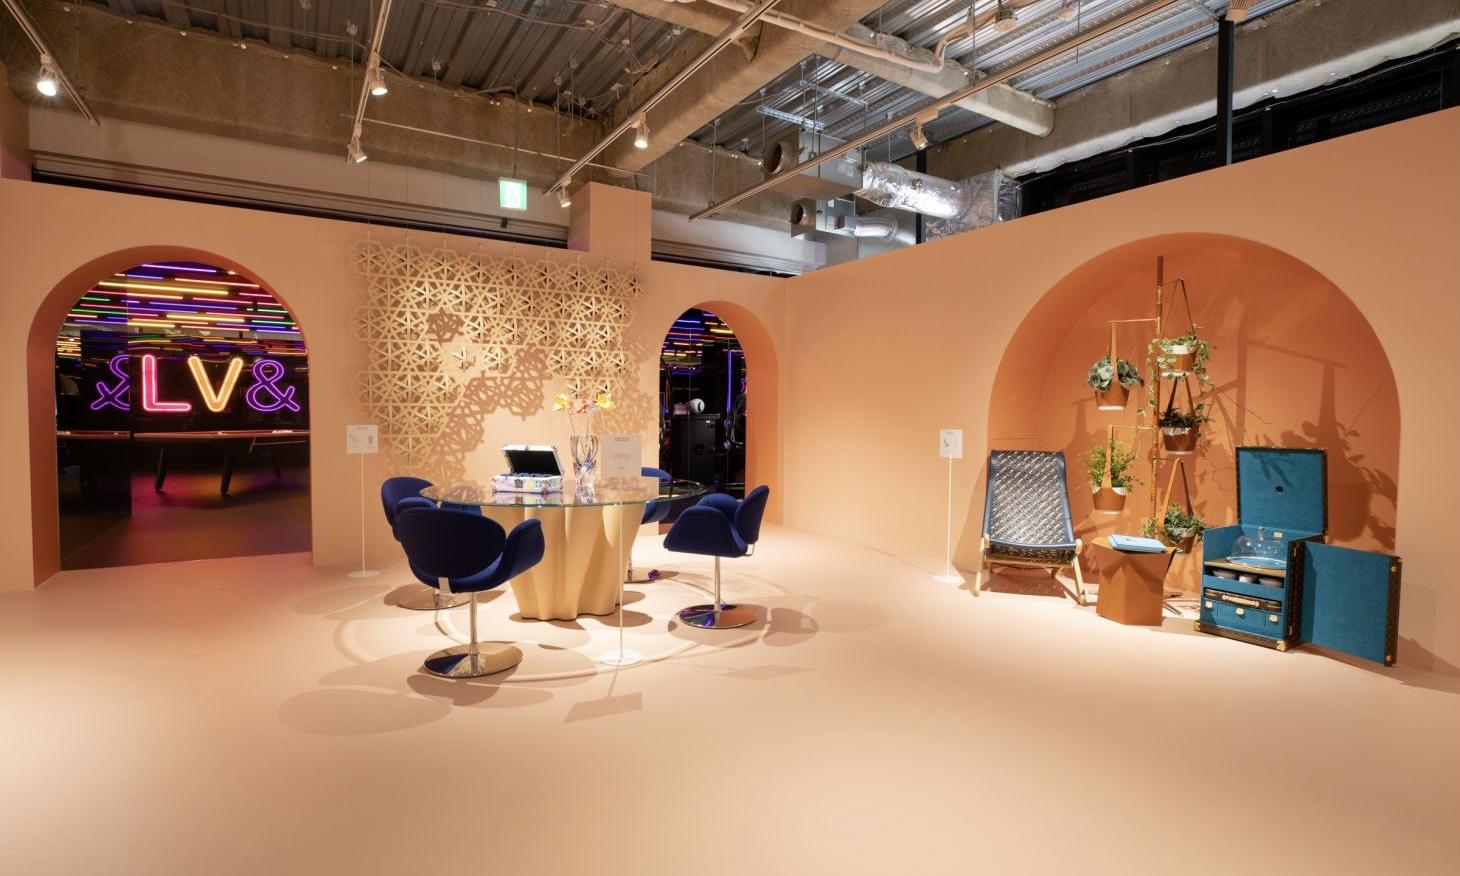 LOUIS VUITTON 大展「&」今日于东京开幕